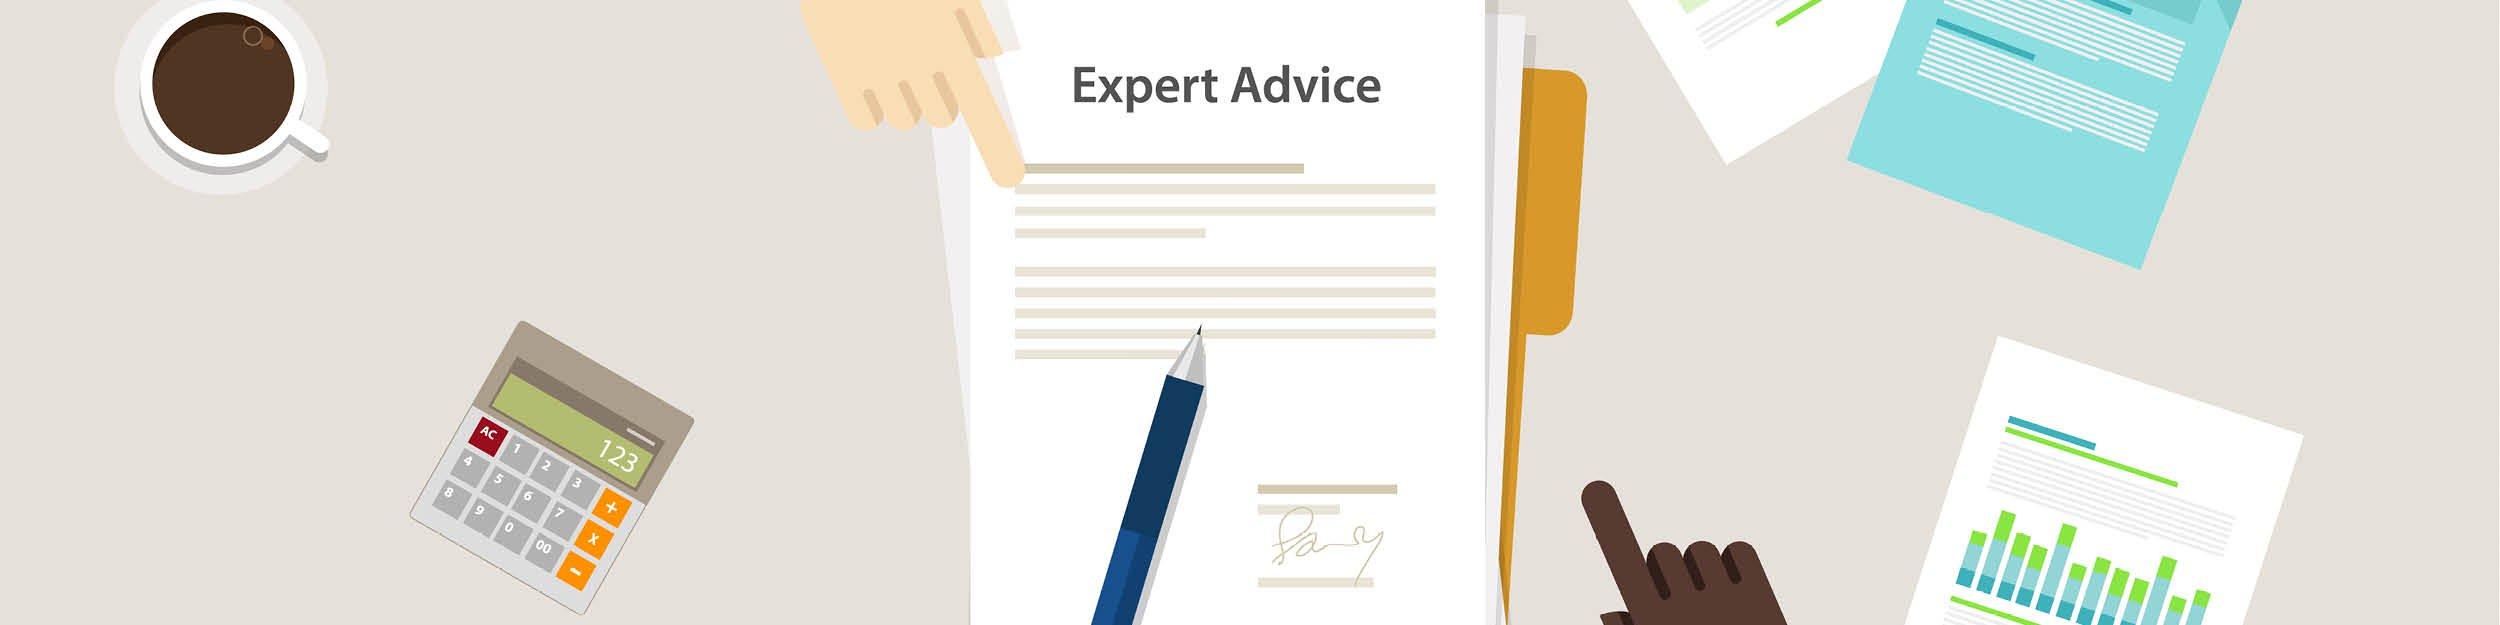 Expert advice paper pen